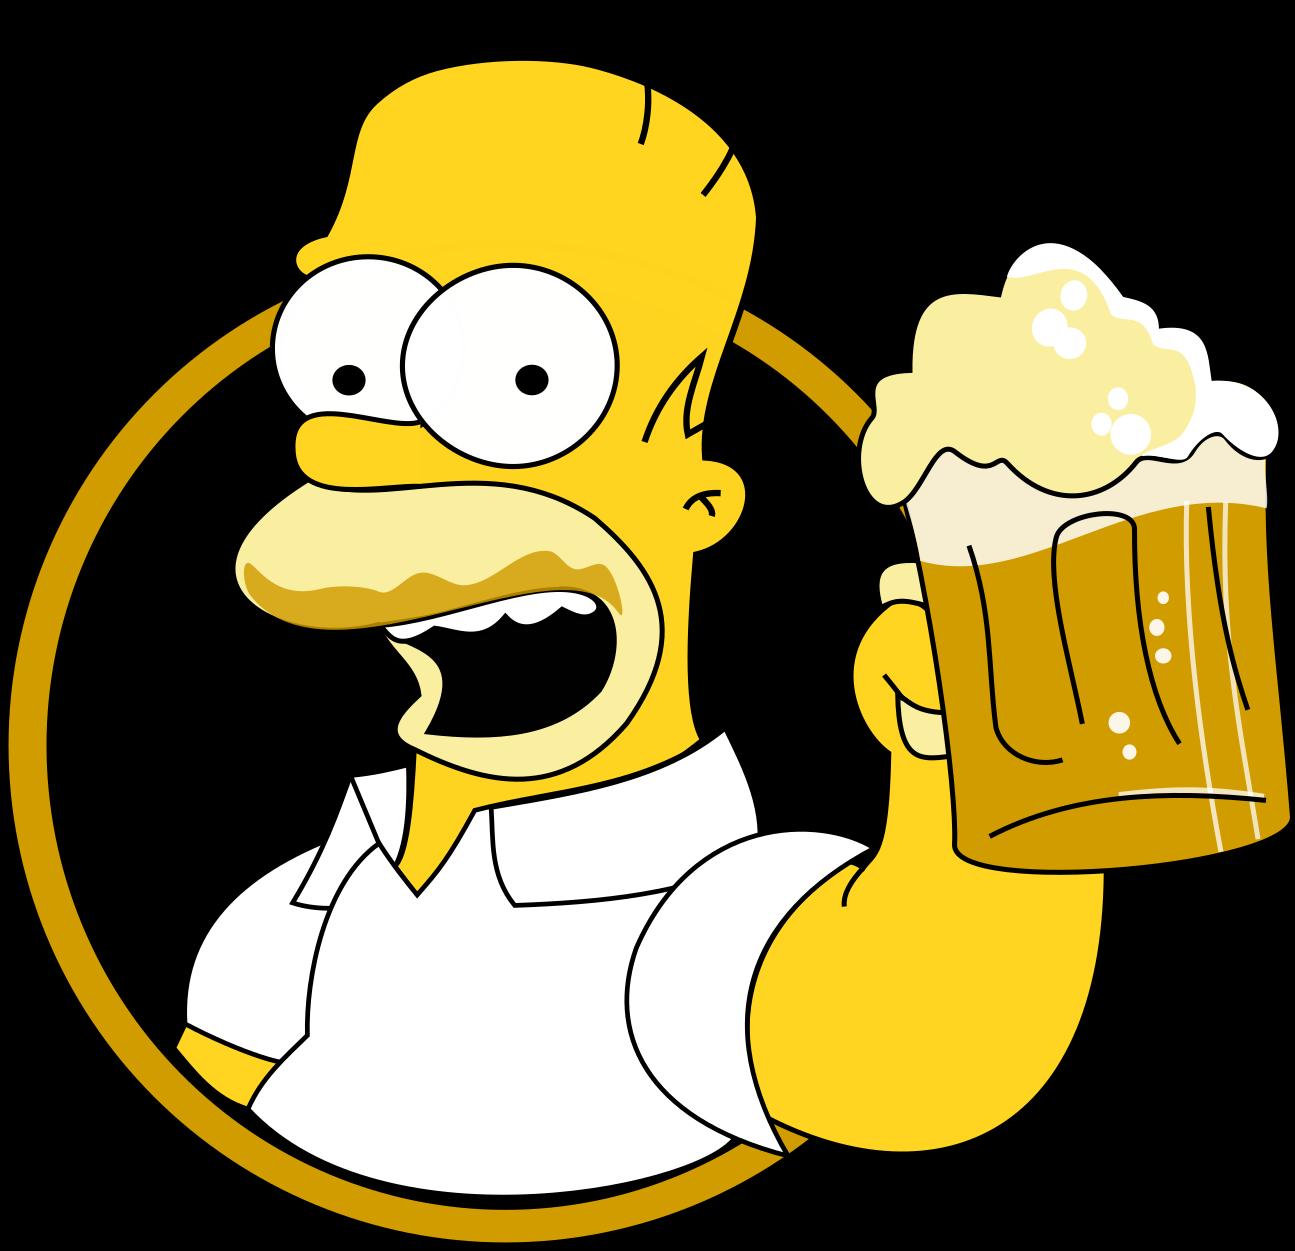 Гомер из симпсонов картинки с бутылкой